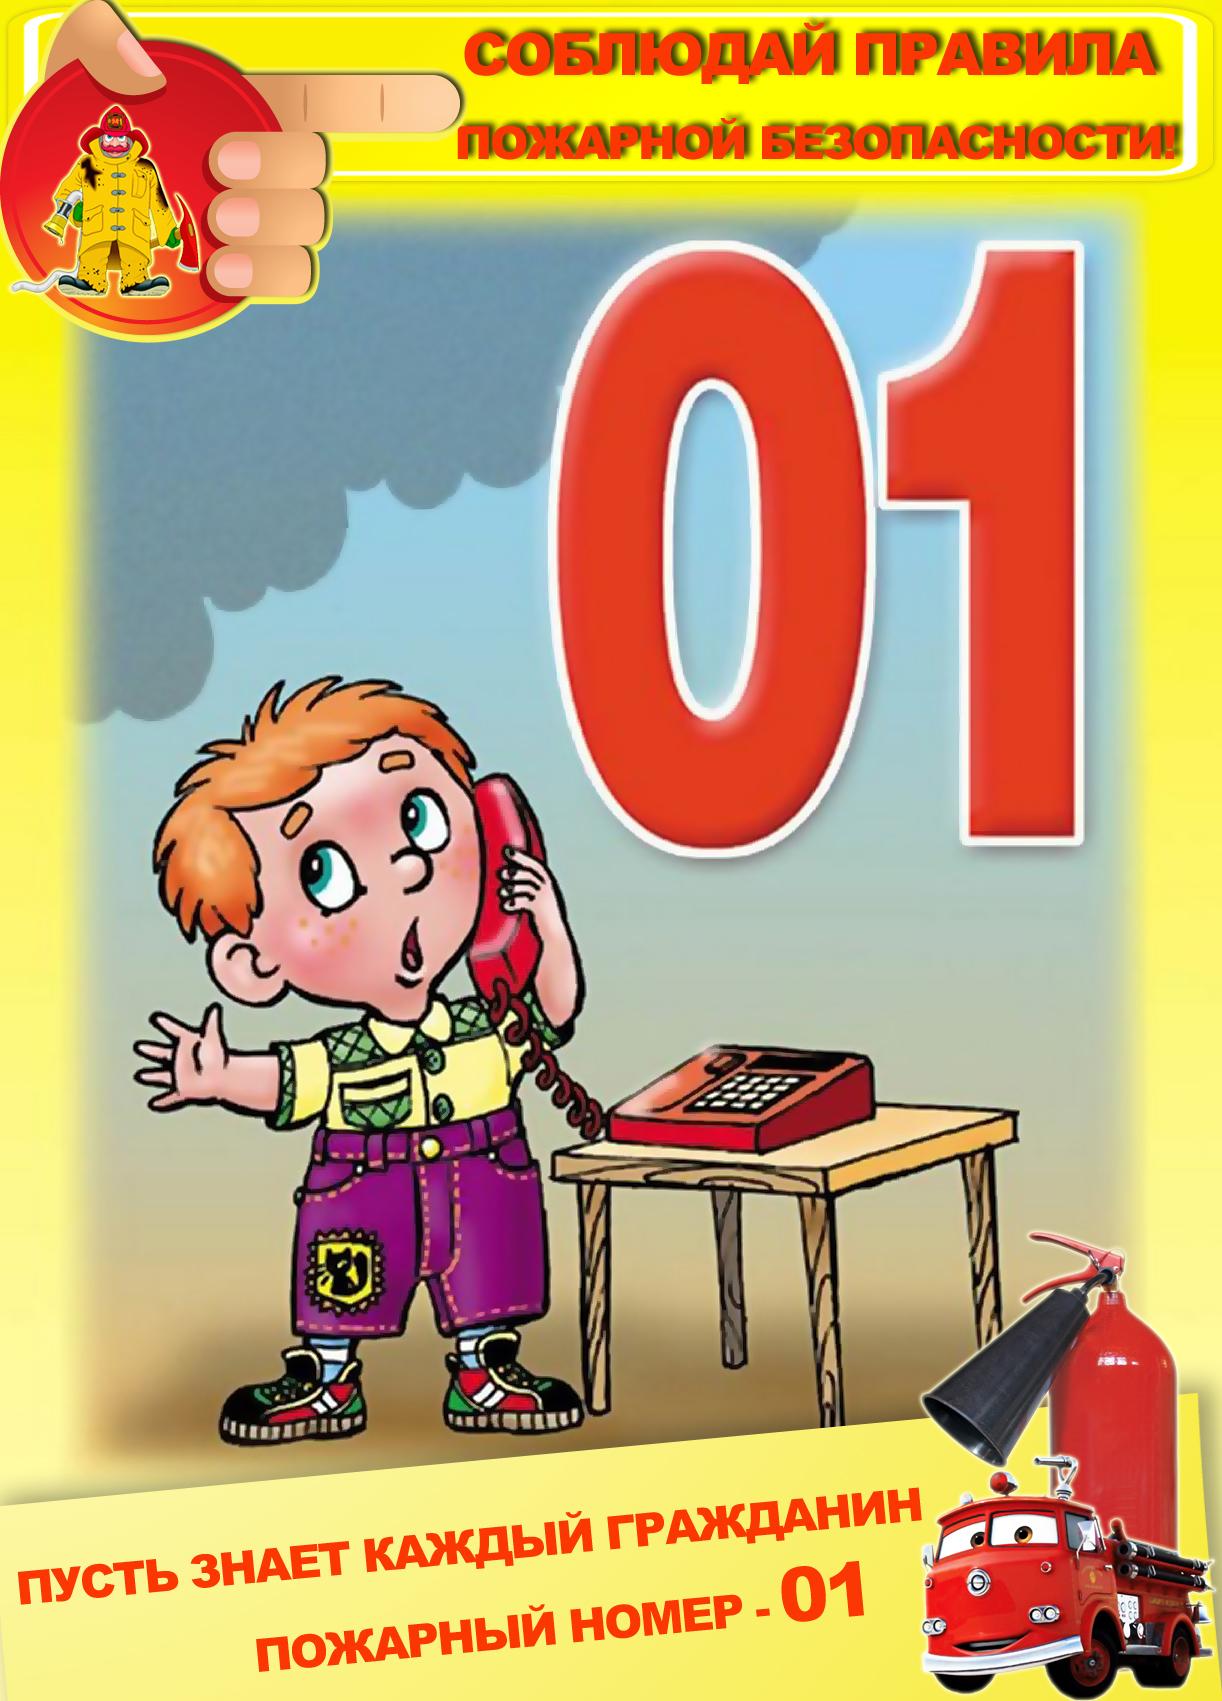 Пожарный номер детям